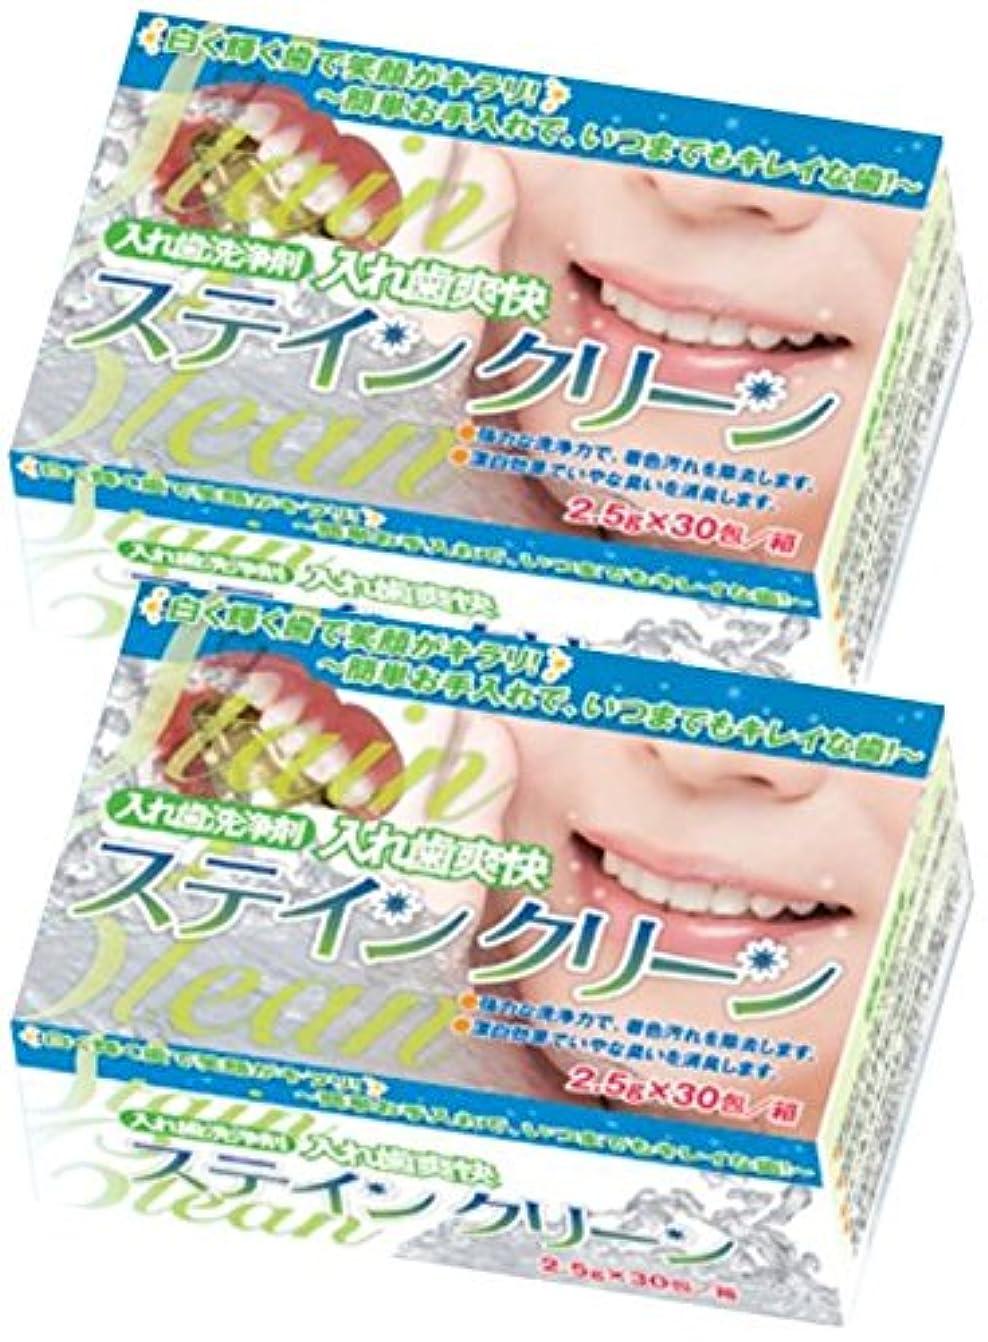 世代スワップ然とした入れ歯爽快 ステインクリーン 1箱(2.5g × 30包入り) 歯科医院専売品 (2箱)